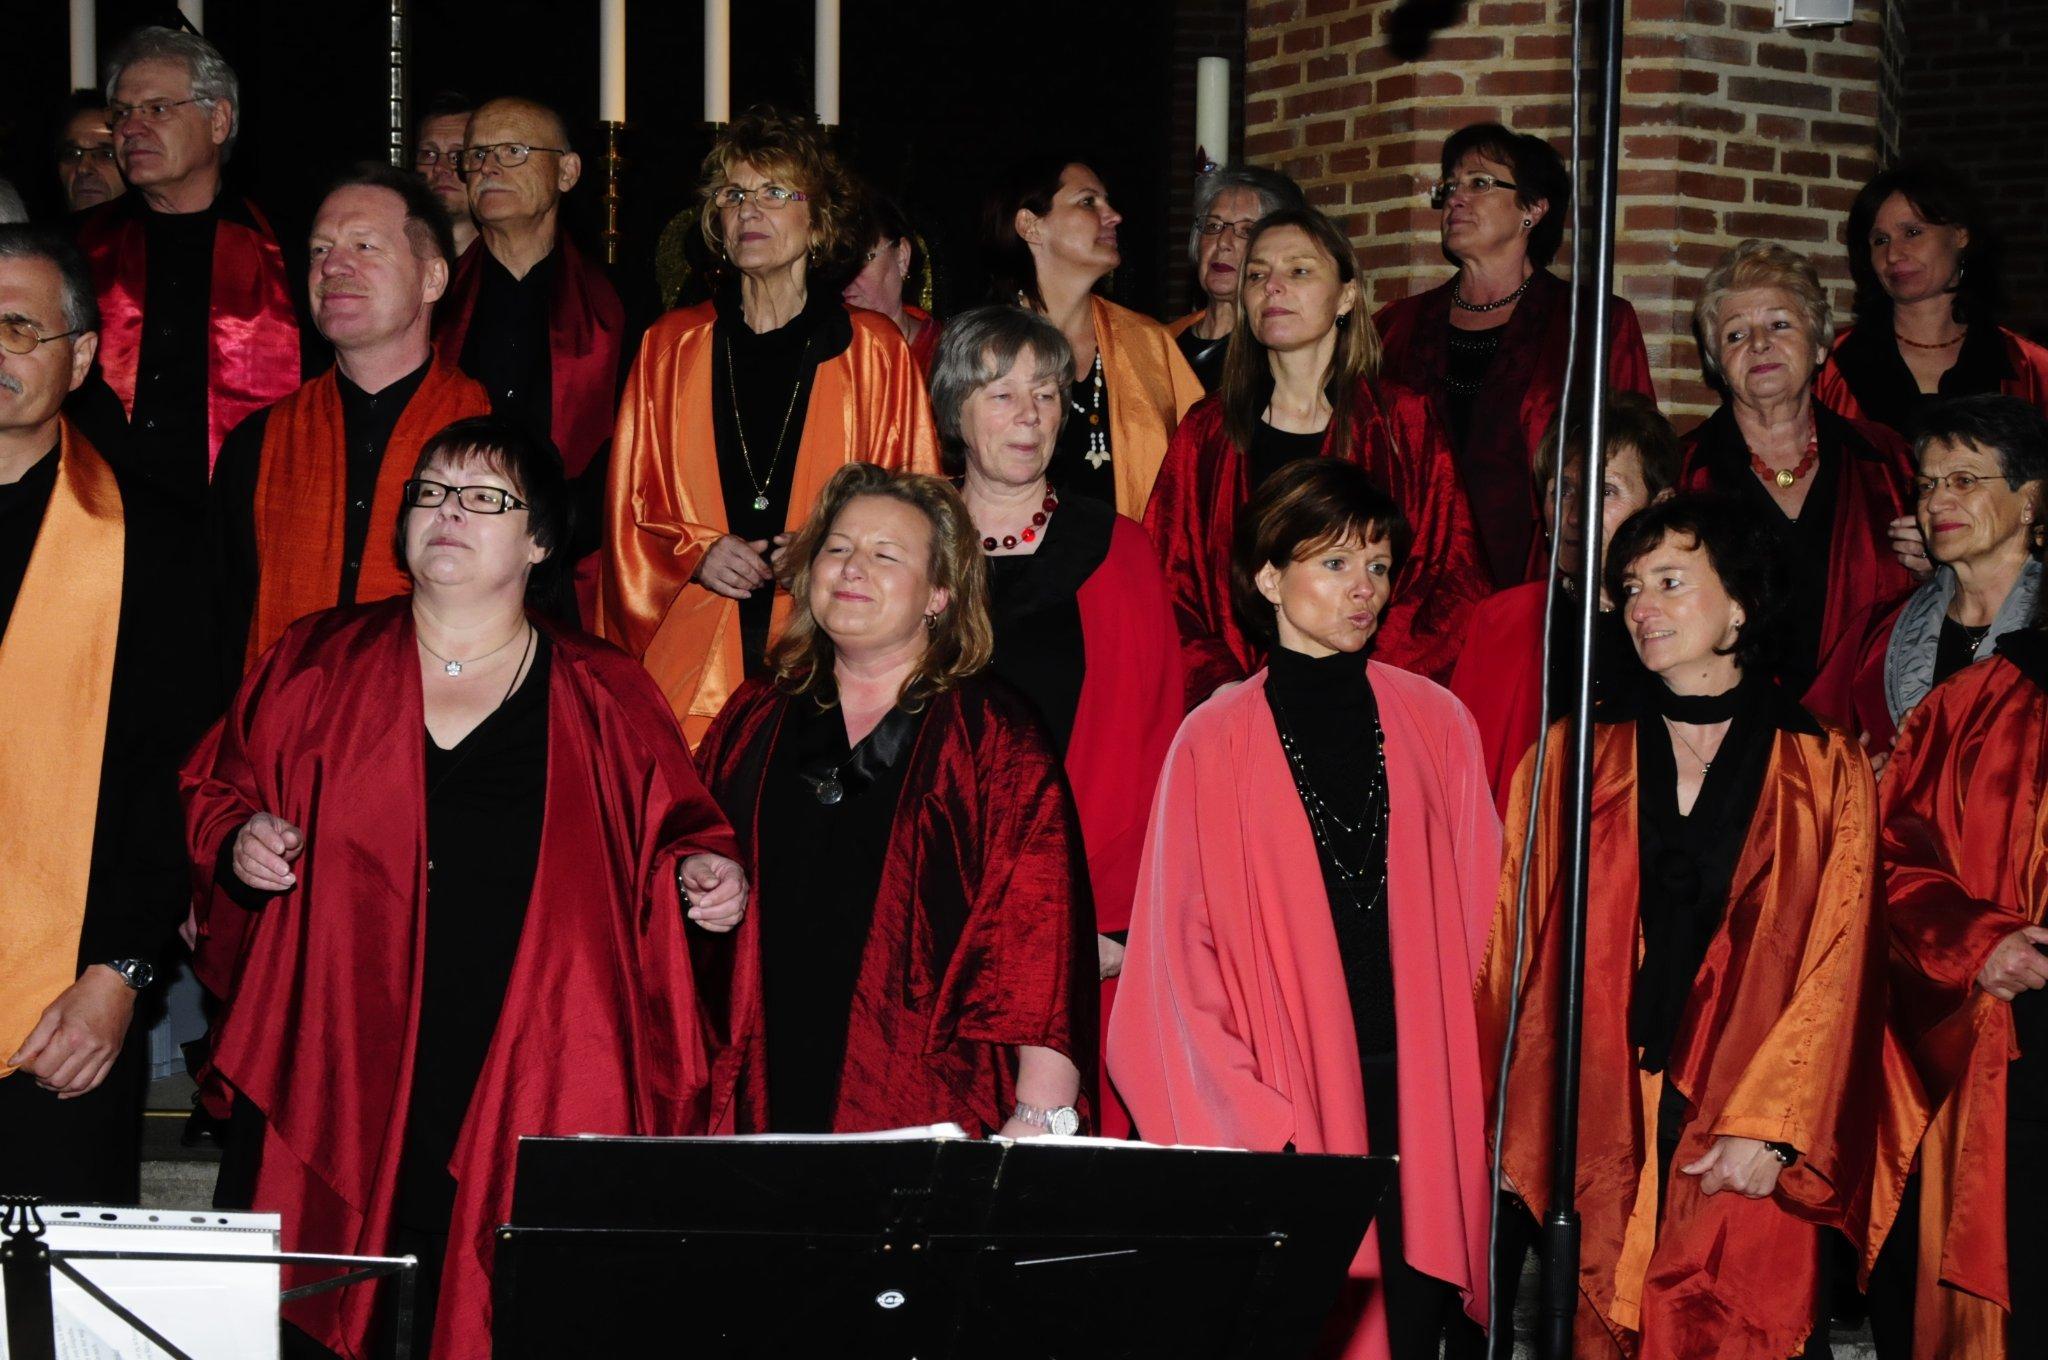 20120422 Reformations Gedaechtniskirche 65